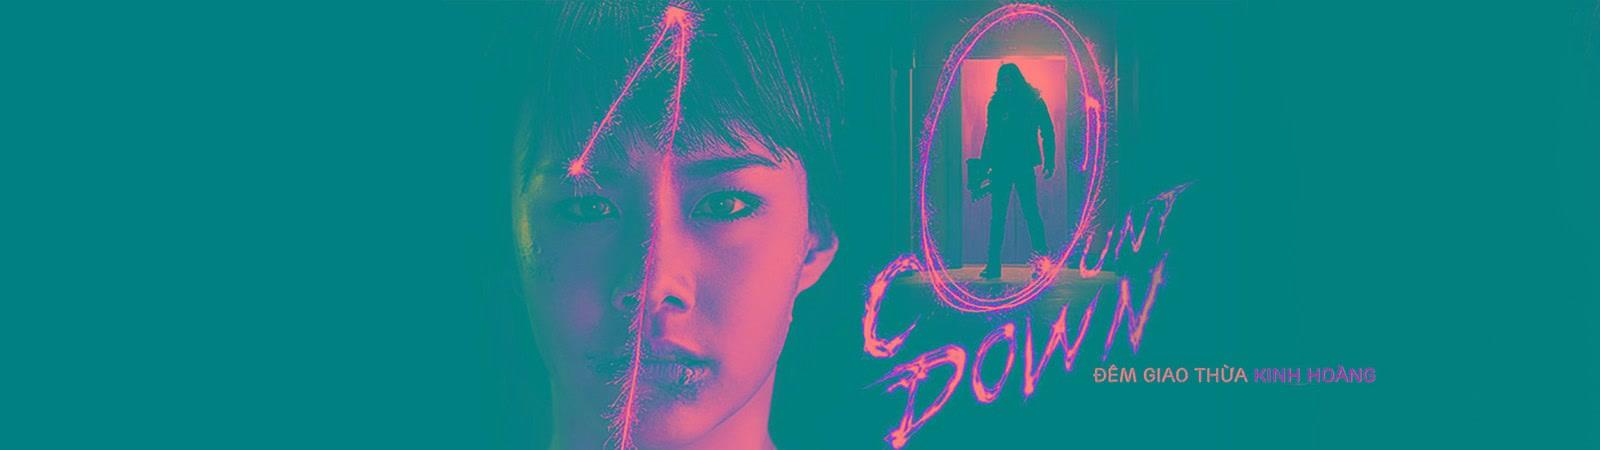 Countdown - Đêm Giao Thừa Kinh Hoàng